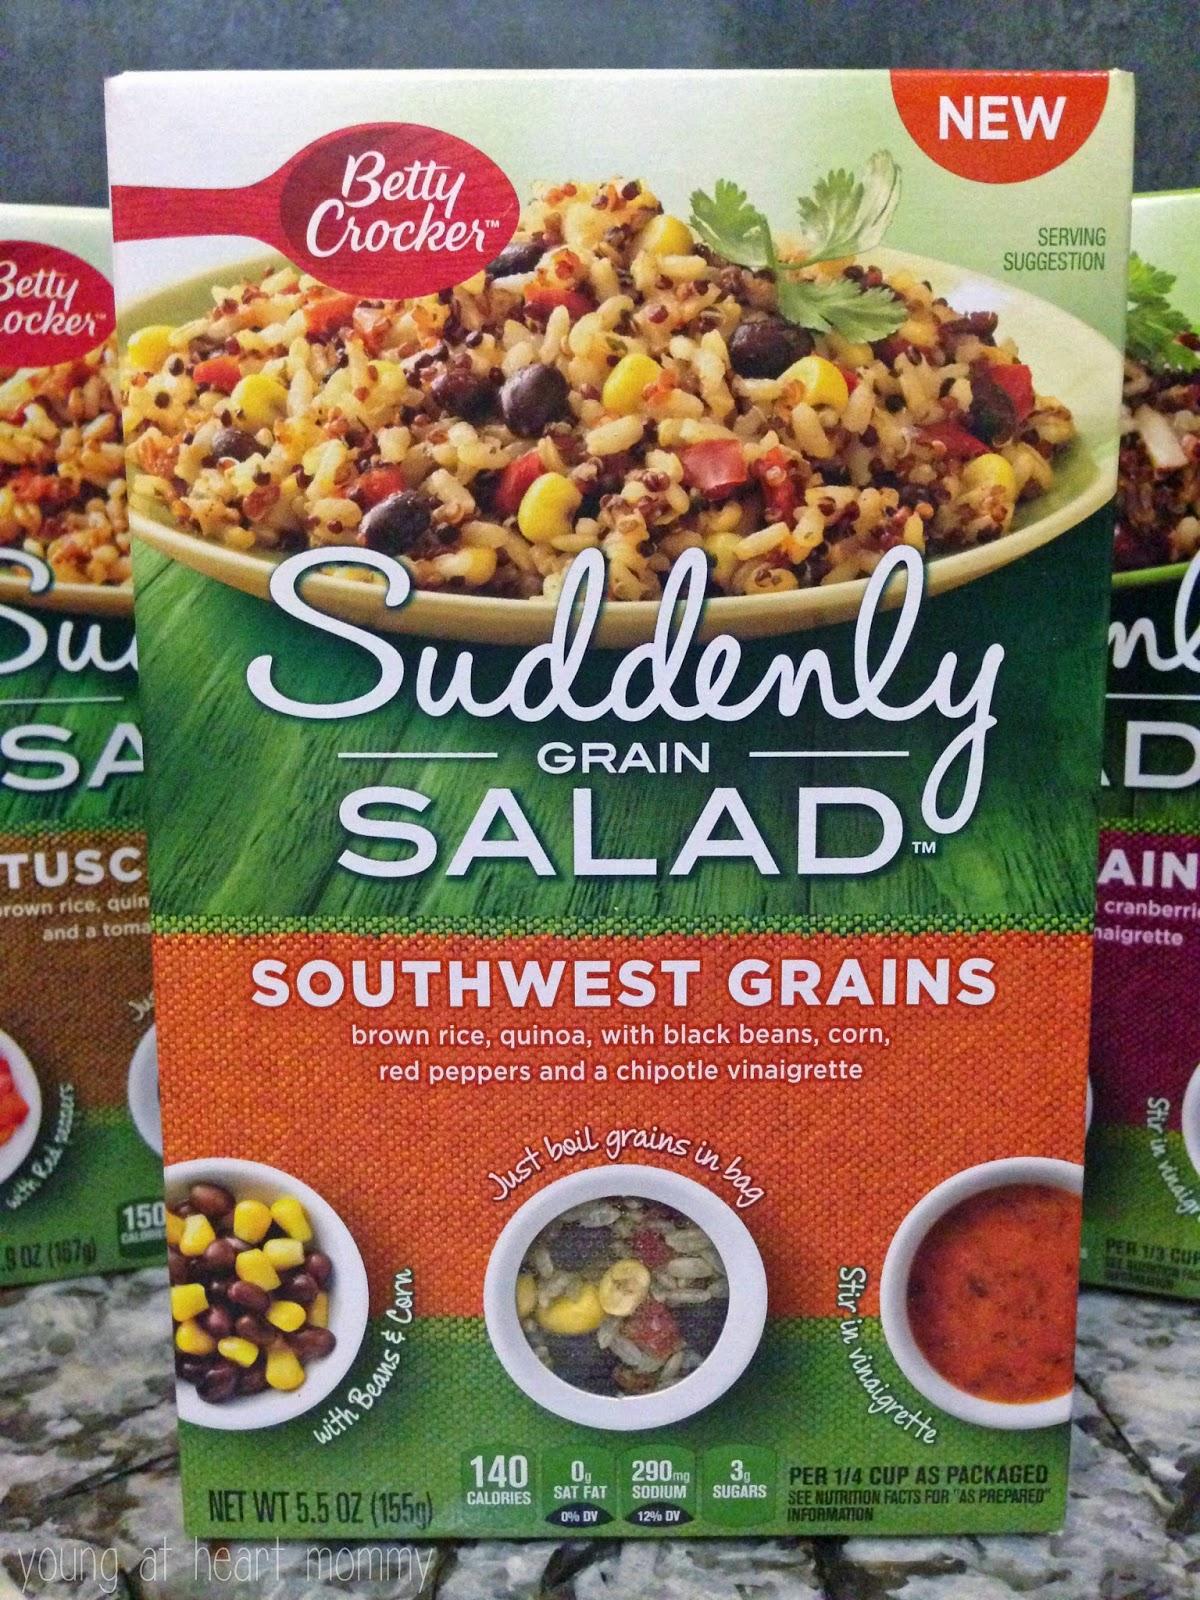 suddenly-grain-salad-southwest-grains.jpg